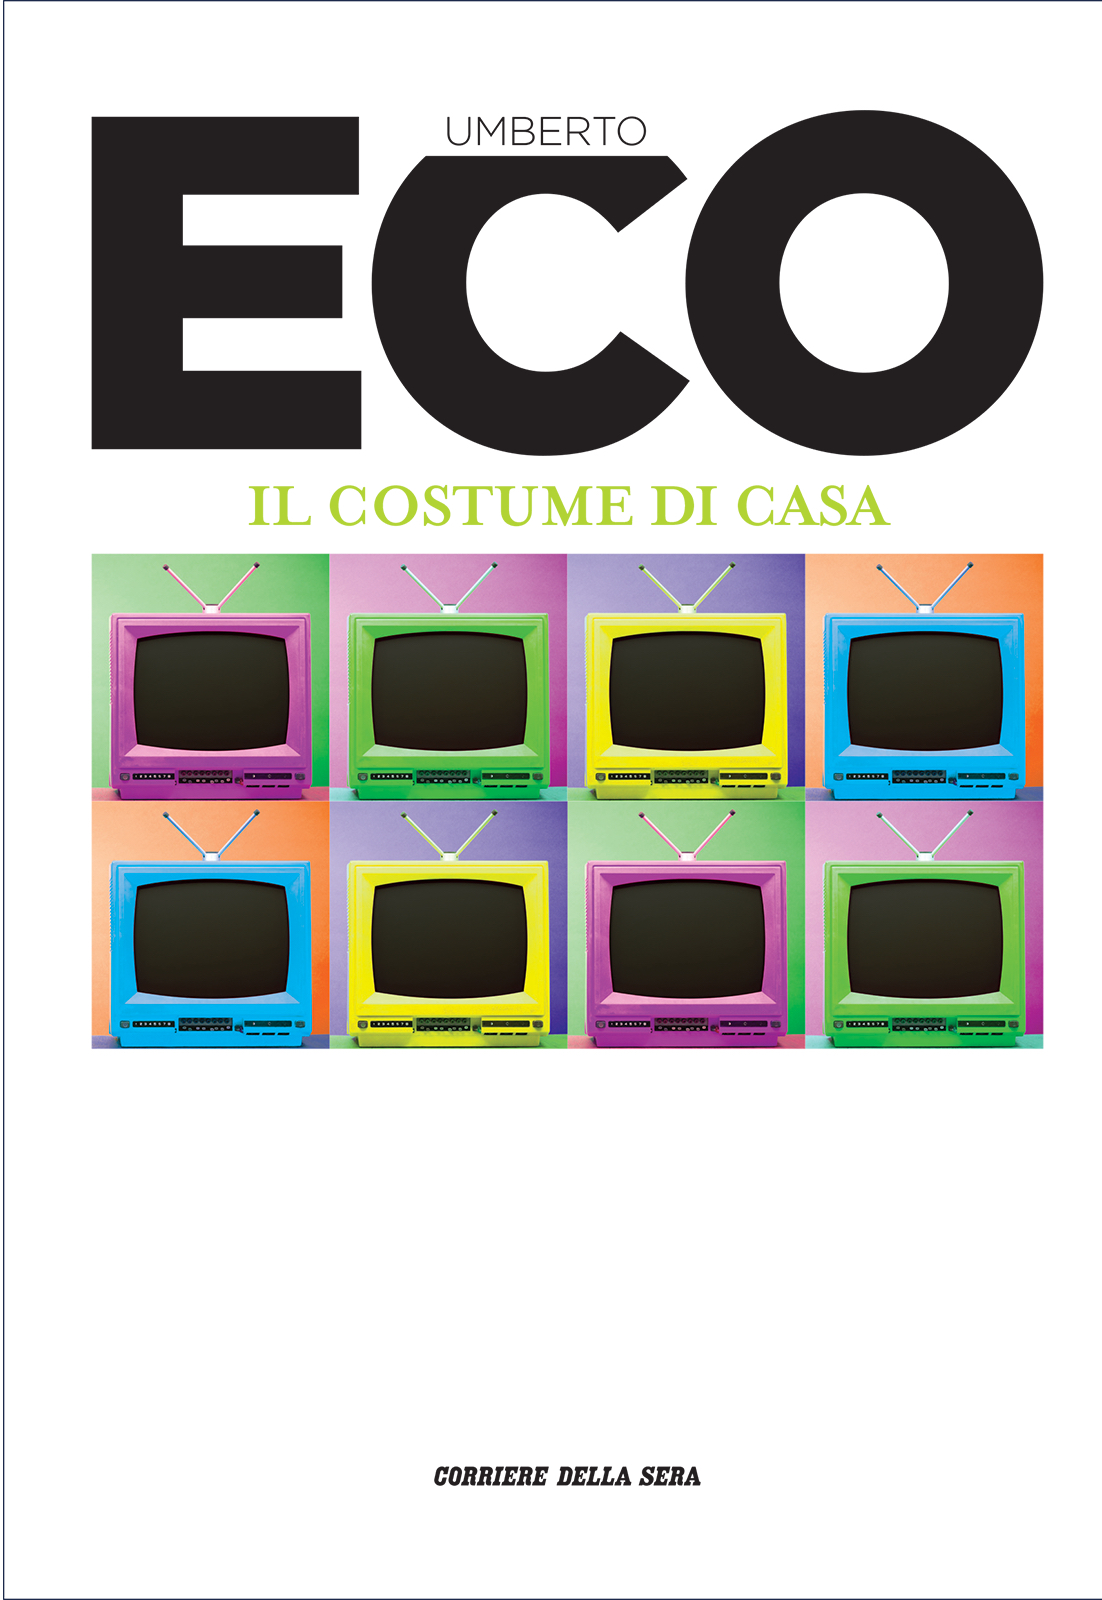 Il costume di casa. Evidenze e misteri dell'ideologia italiana negli anni Sessanta